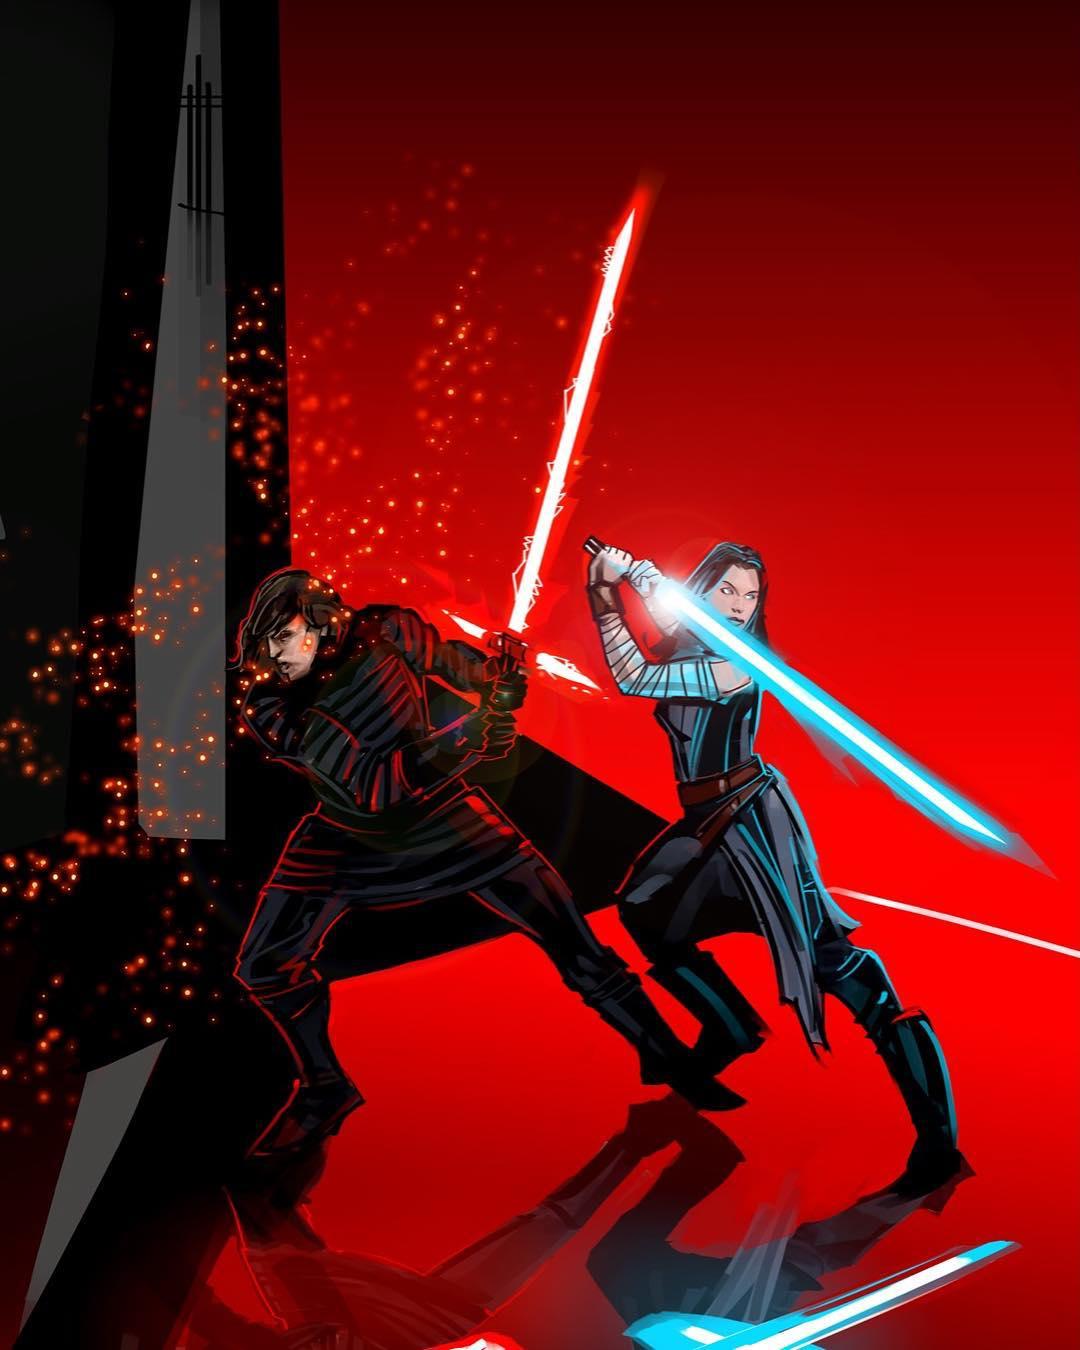 Kylo Ren Rey Fight Snoke S Praetorian Guards Star Wars The Last Jedi Star Wars Art Star Wars Episodes Star Wars Facts